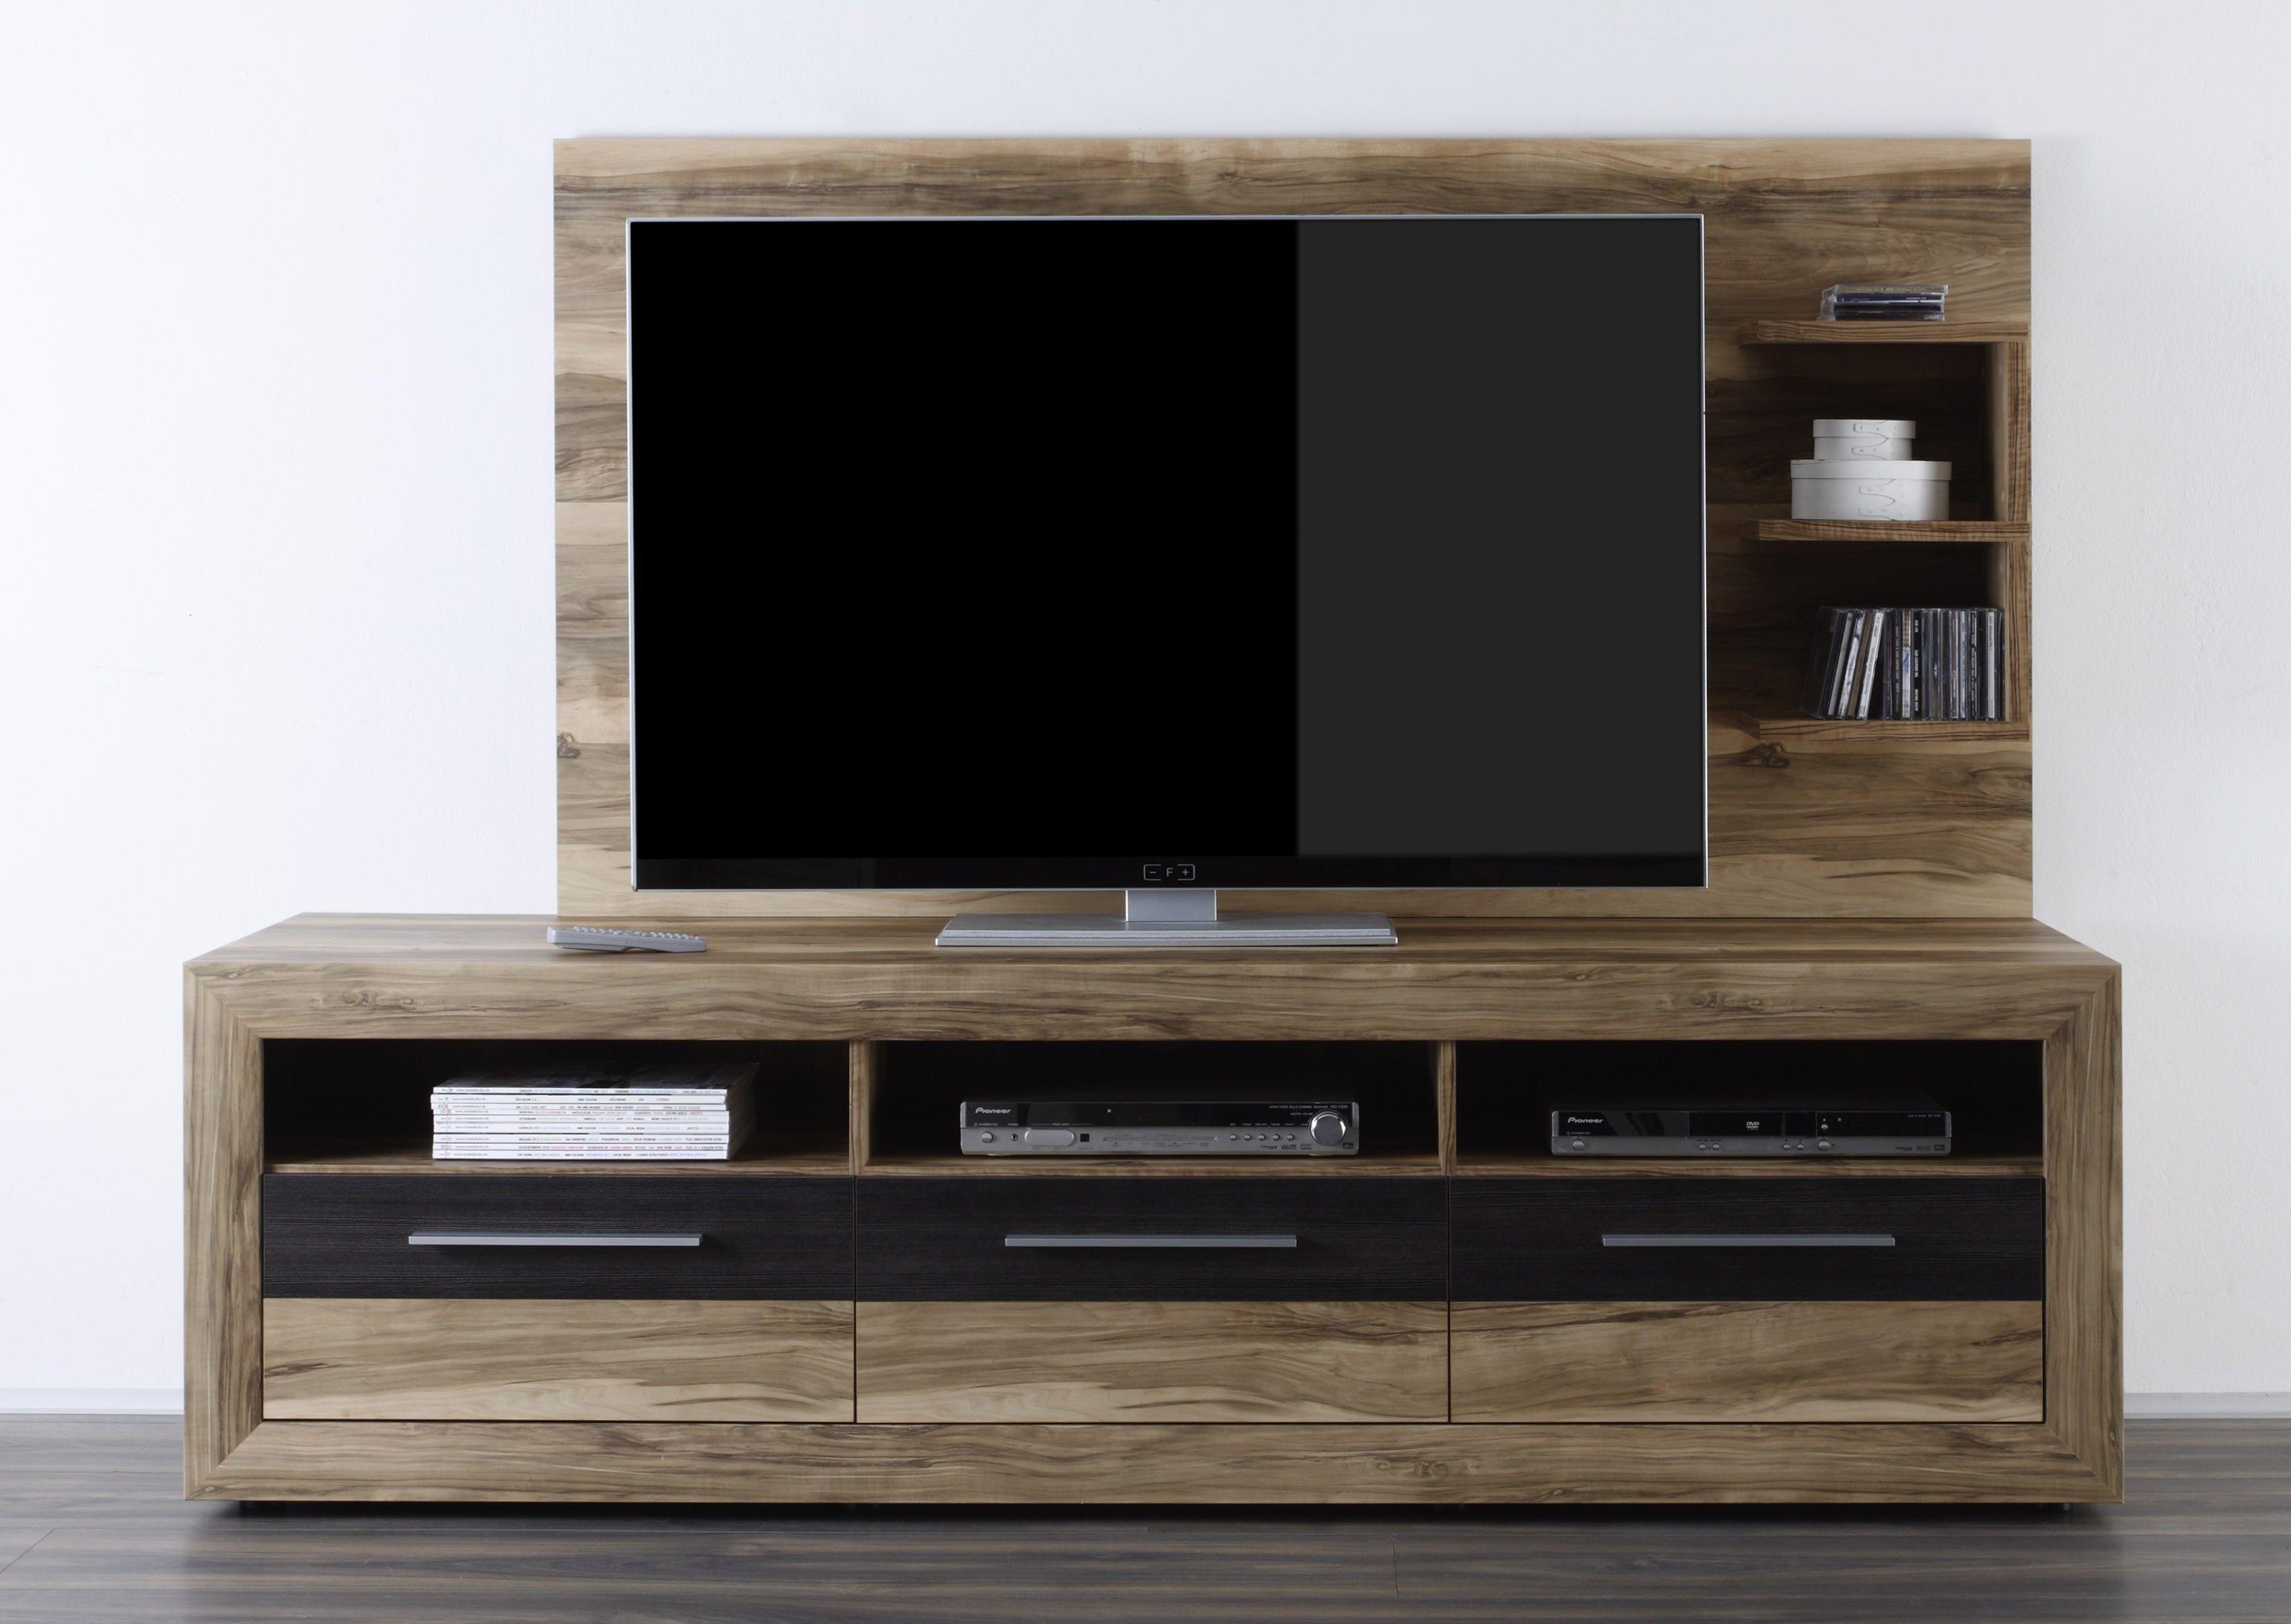 Tv möbel modern  Billig tv möbel modern   Deutsche Deko   Pinterest   TV Möbel ...